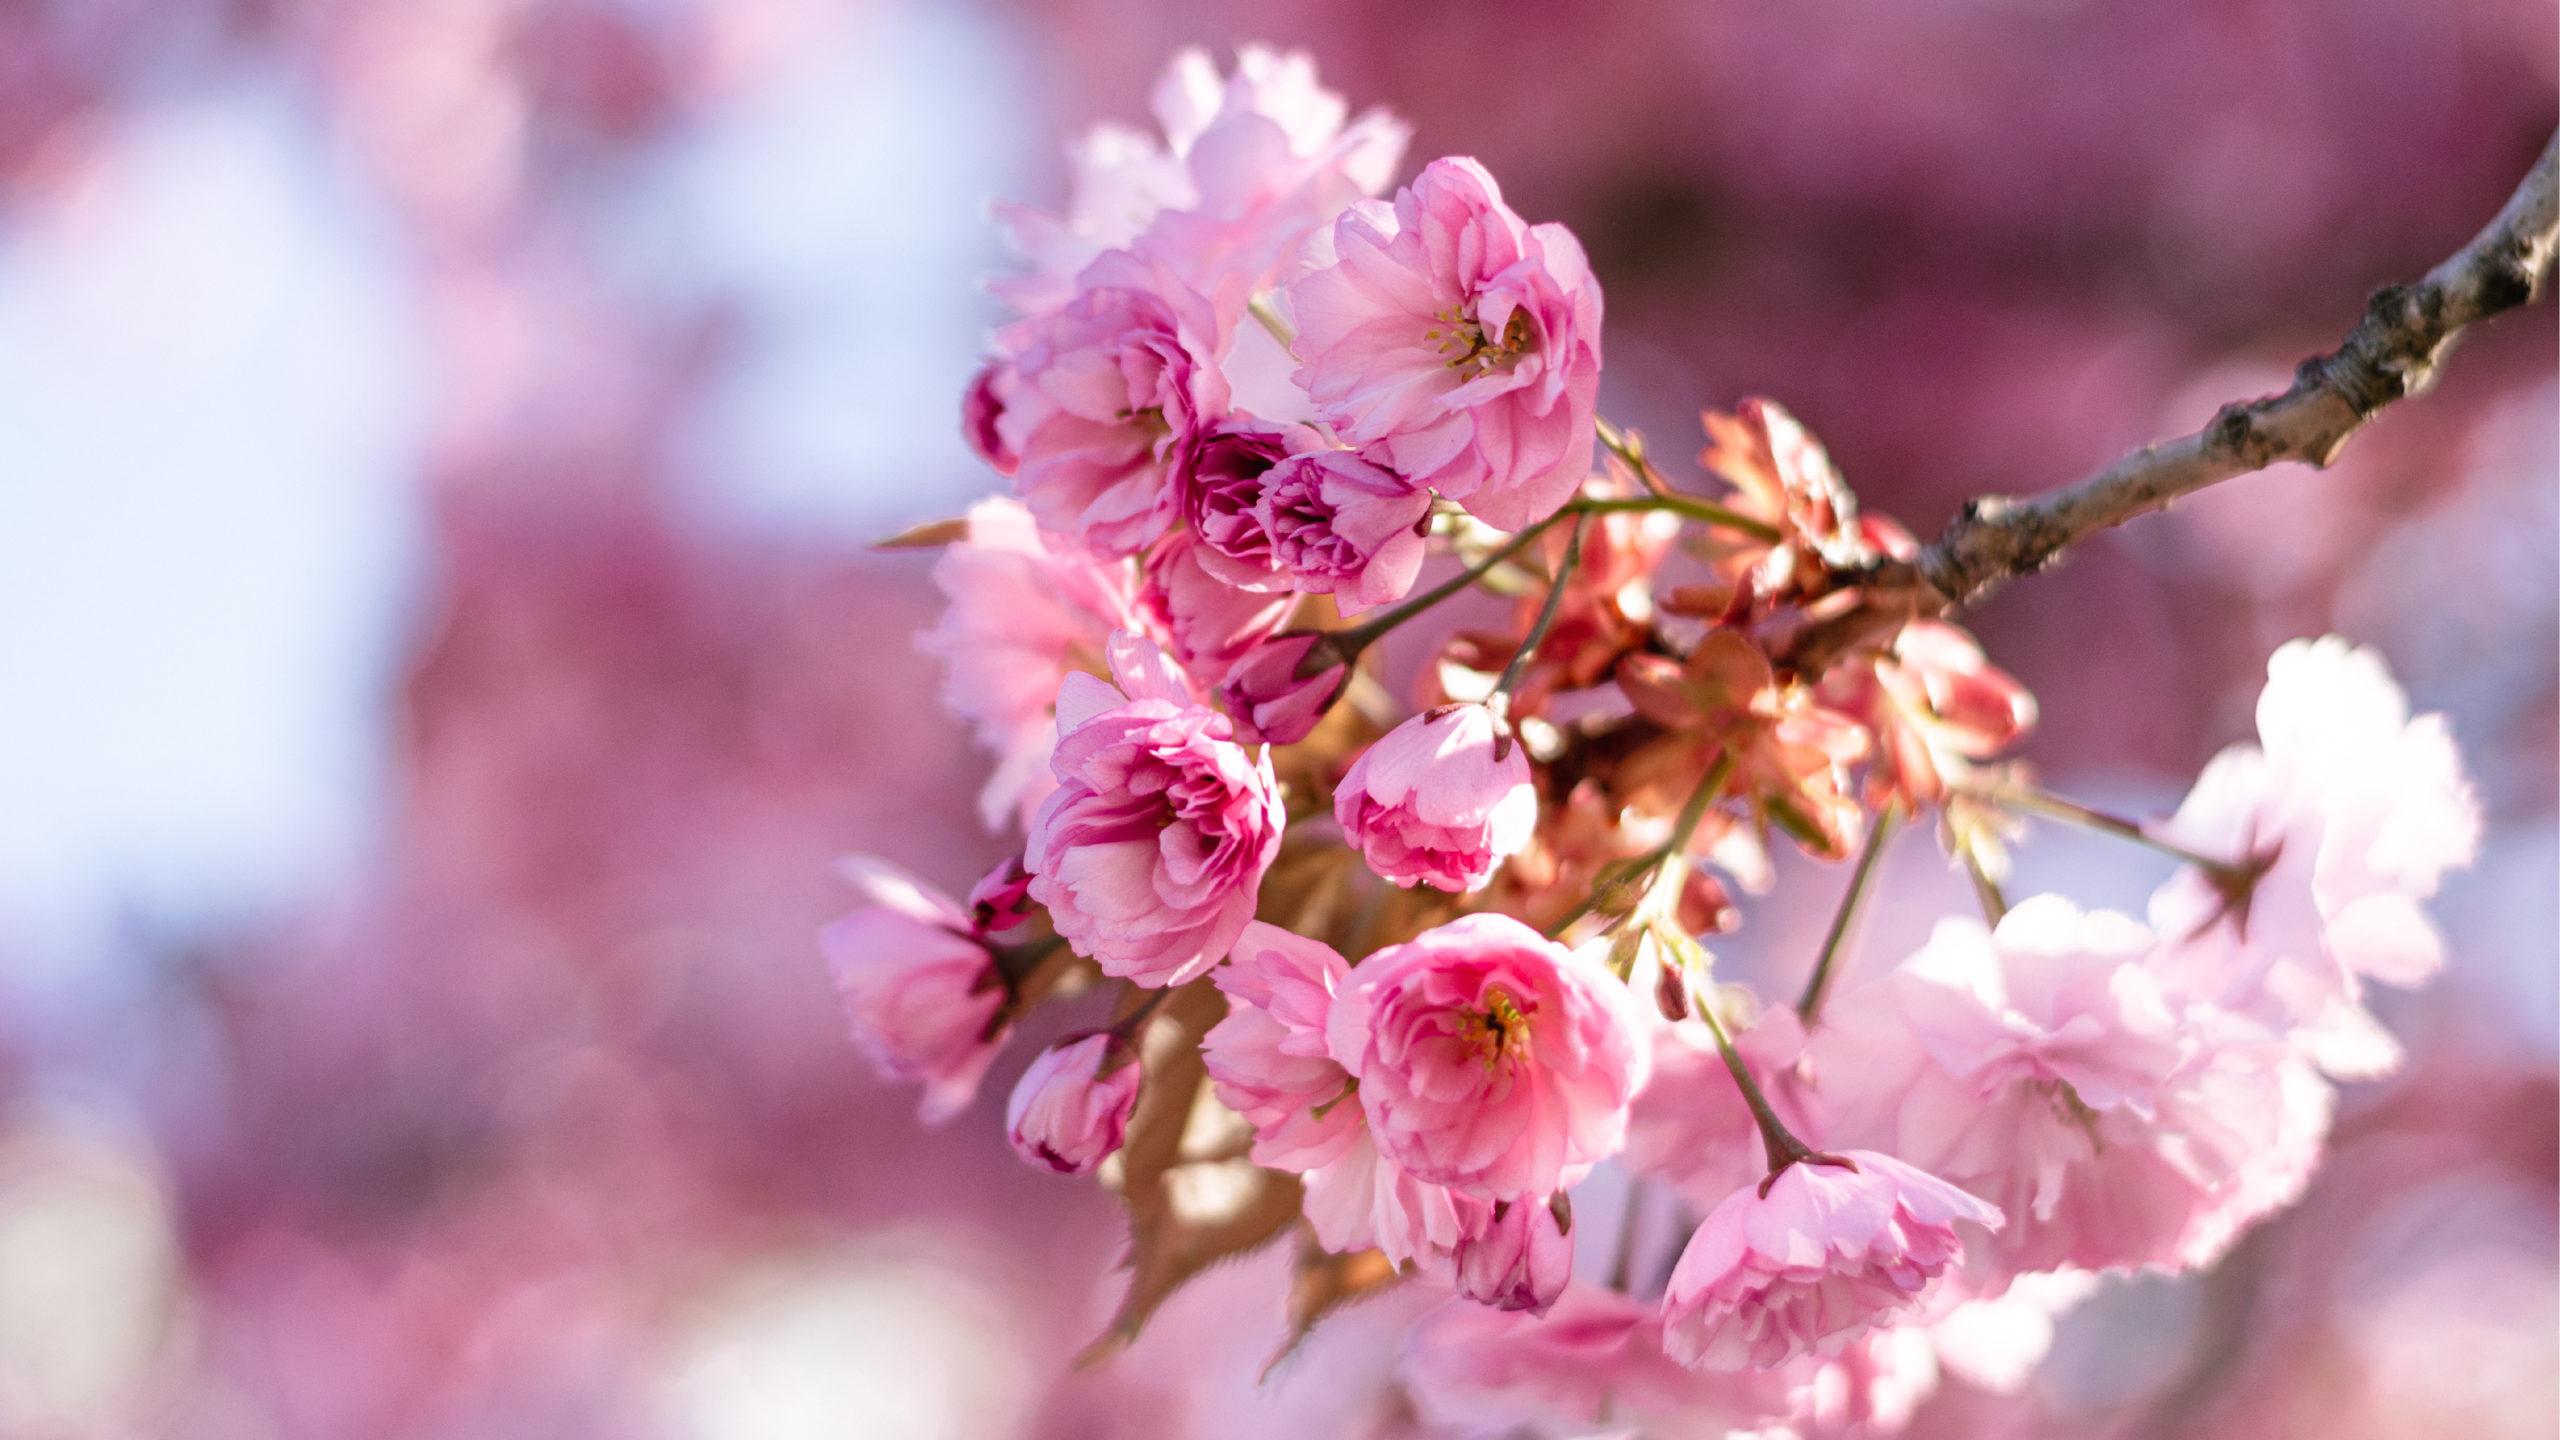 Altas concentraciones de polen influyen en más infecciones por Covid-19